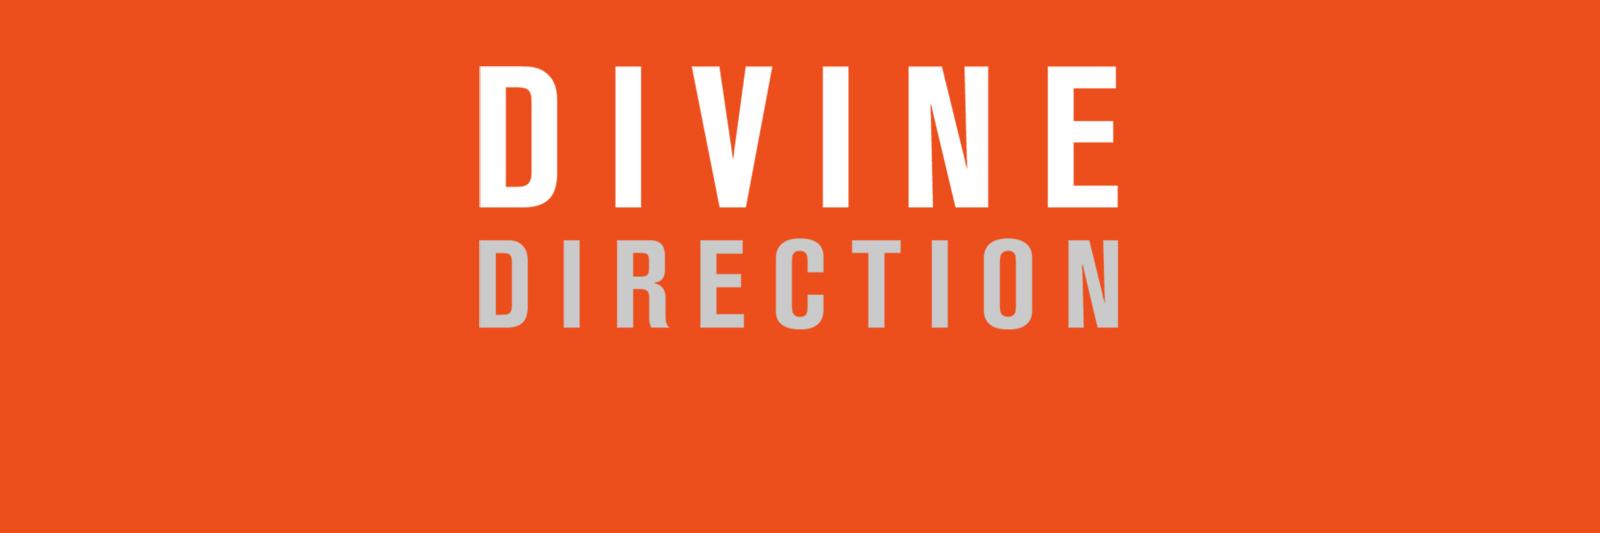 DivineDirection_Web_HomePg_1500x500.jpg